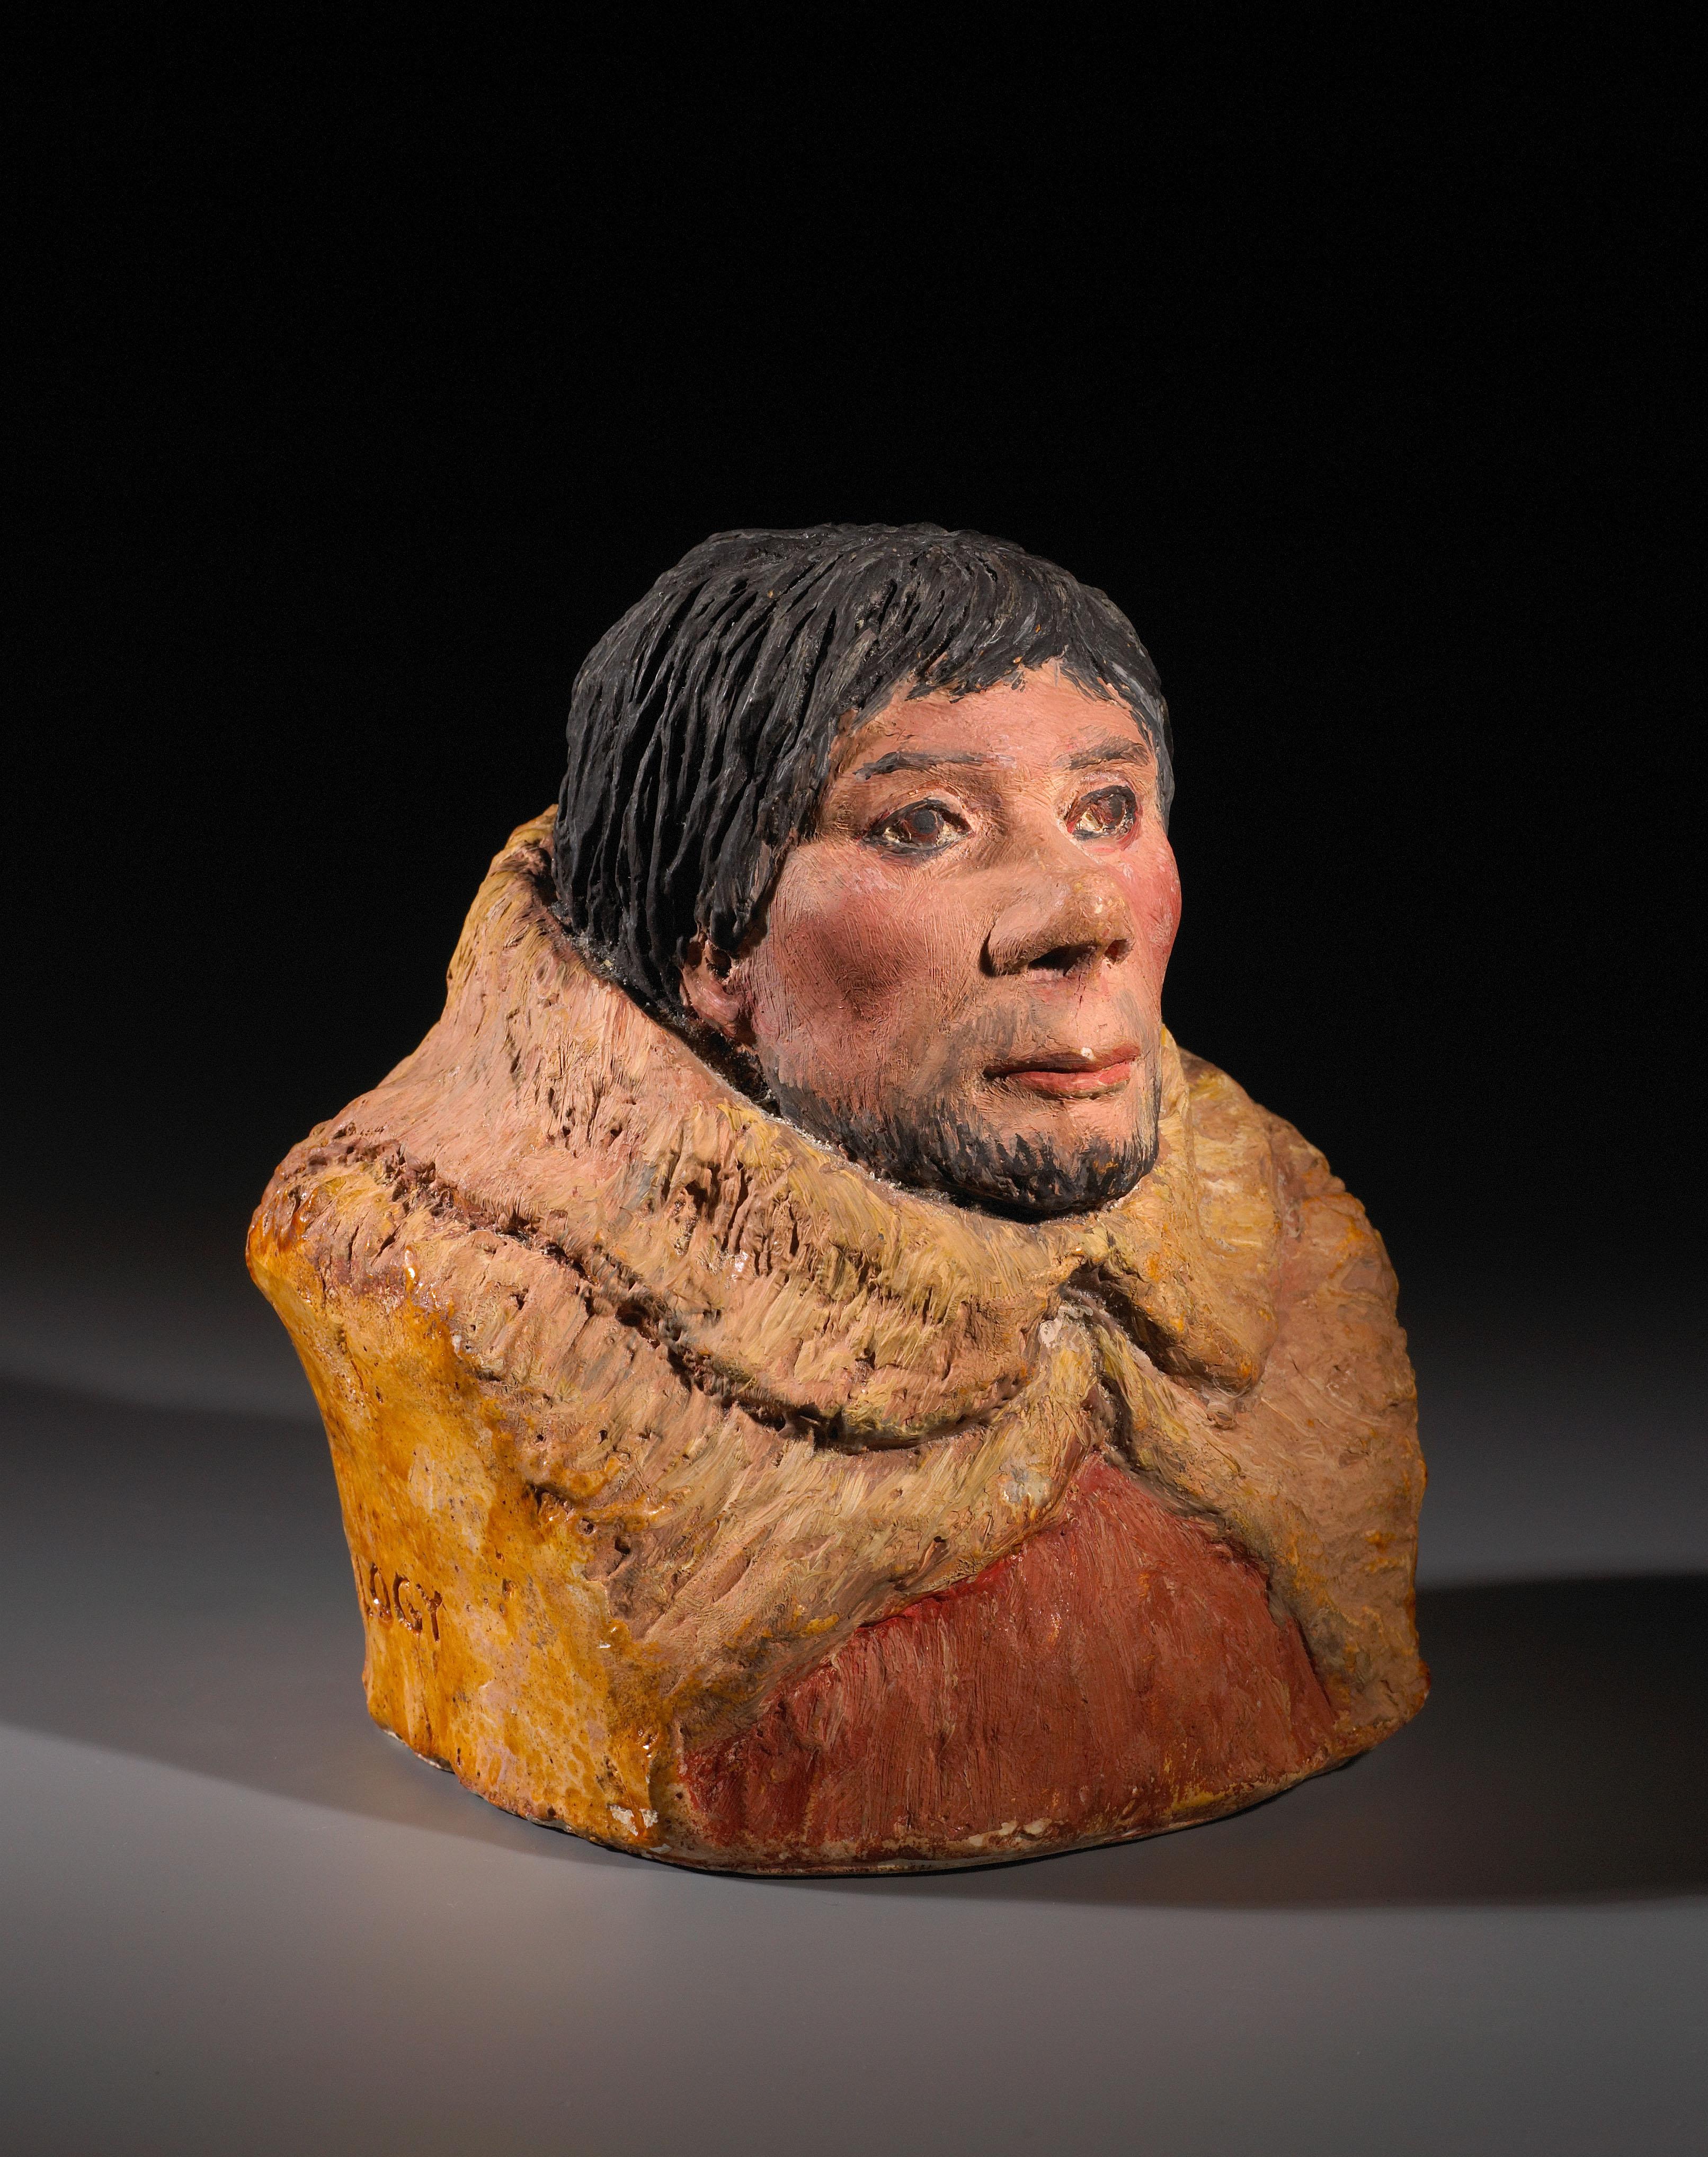 Le buste de l'homme d'Angles - MAN 86628-1